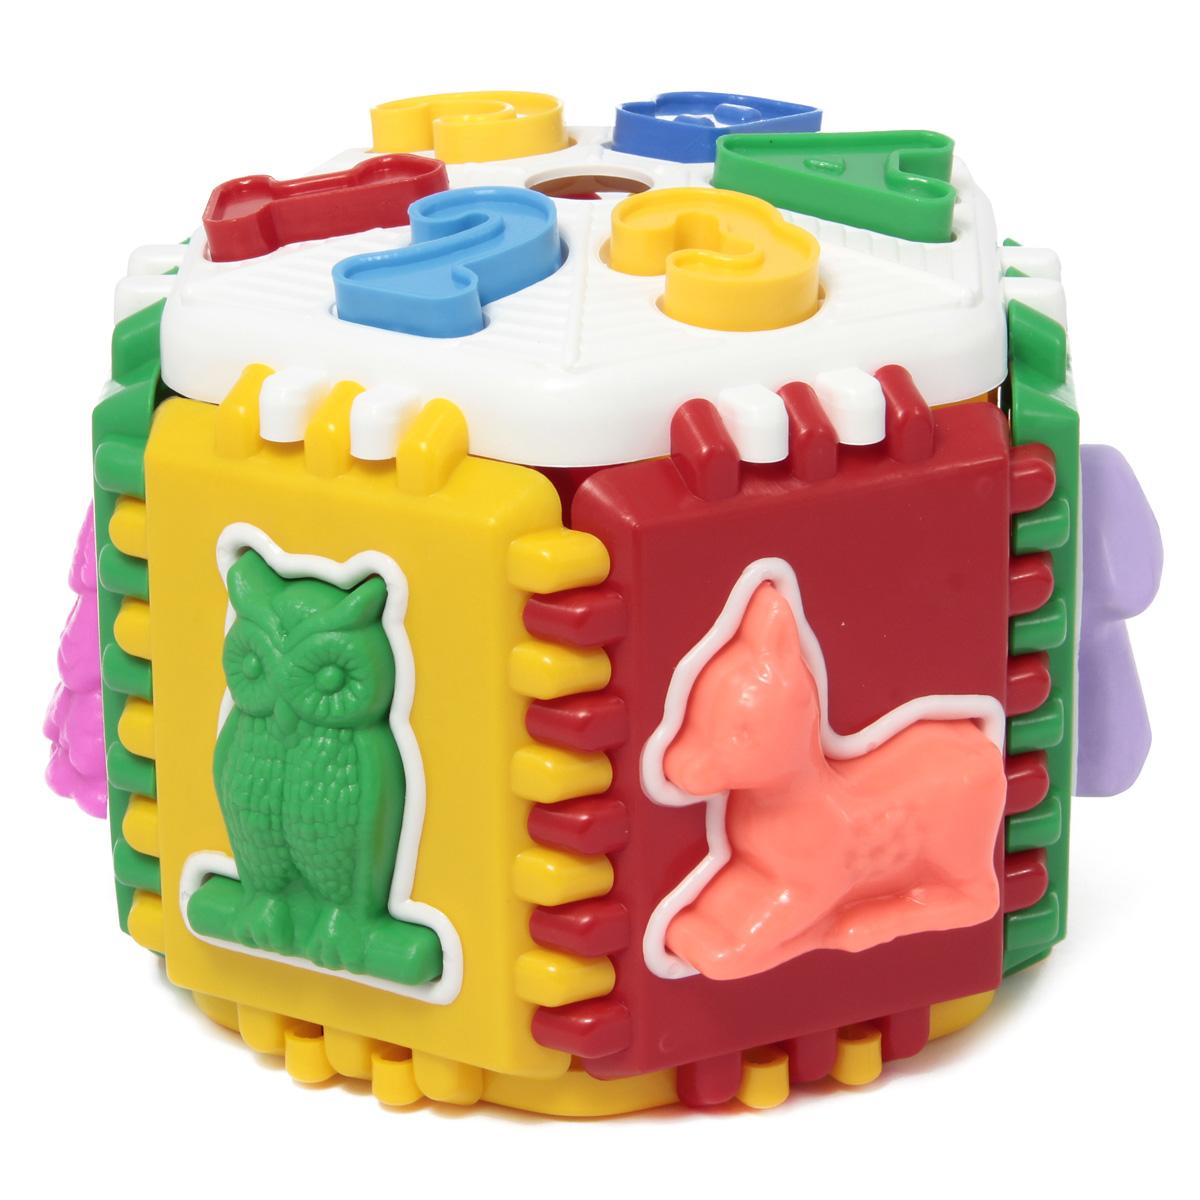 Развивающая игрушка Логика лесная школа/26П-0384Диаметр кольца: 14 см. Логический и обучающий центр для малышей. Развивает цветовосприятие, мелкую моторику рук, логическое мышление и пространственное воображение. Знакомит детей с геометрическими фигурами. Игрушка полностью разбирается (стенки игрушки соединяются по принципу пазлов). Материал: пластик